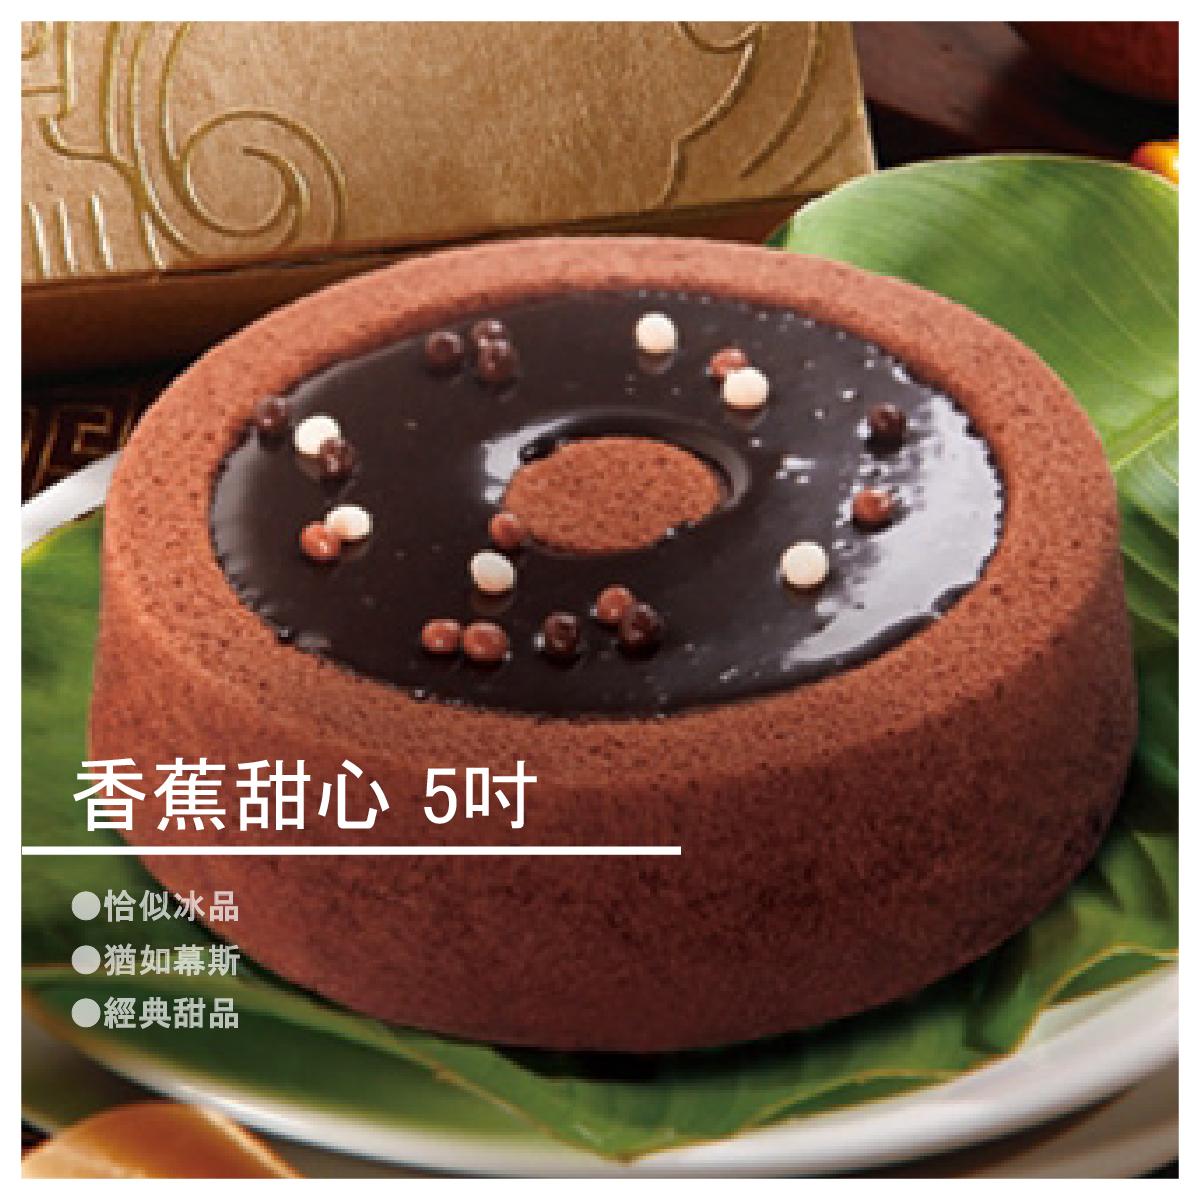 【旗山吉美香蕉蛋糕】香蕉甜心 5吋